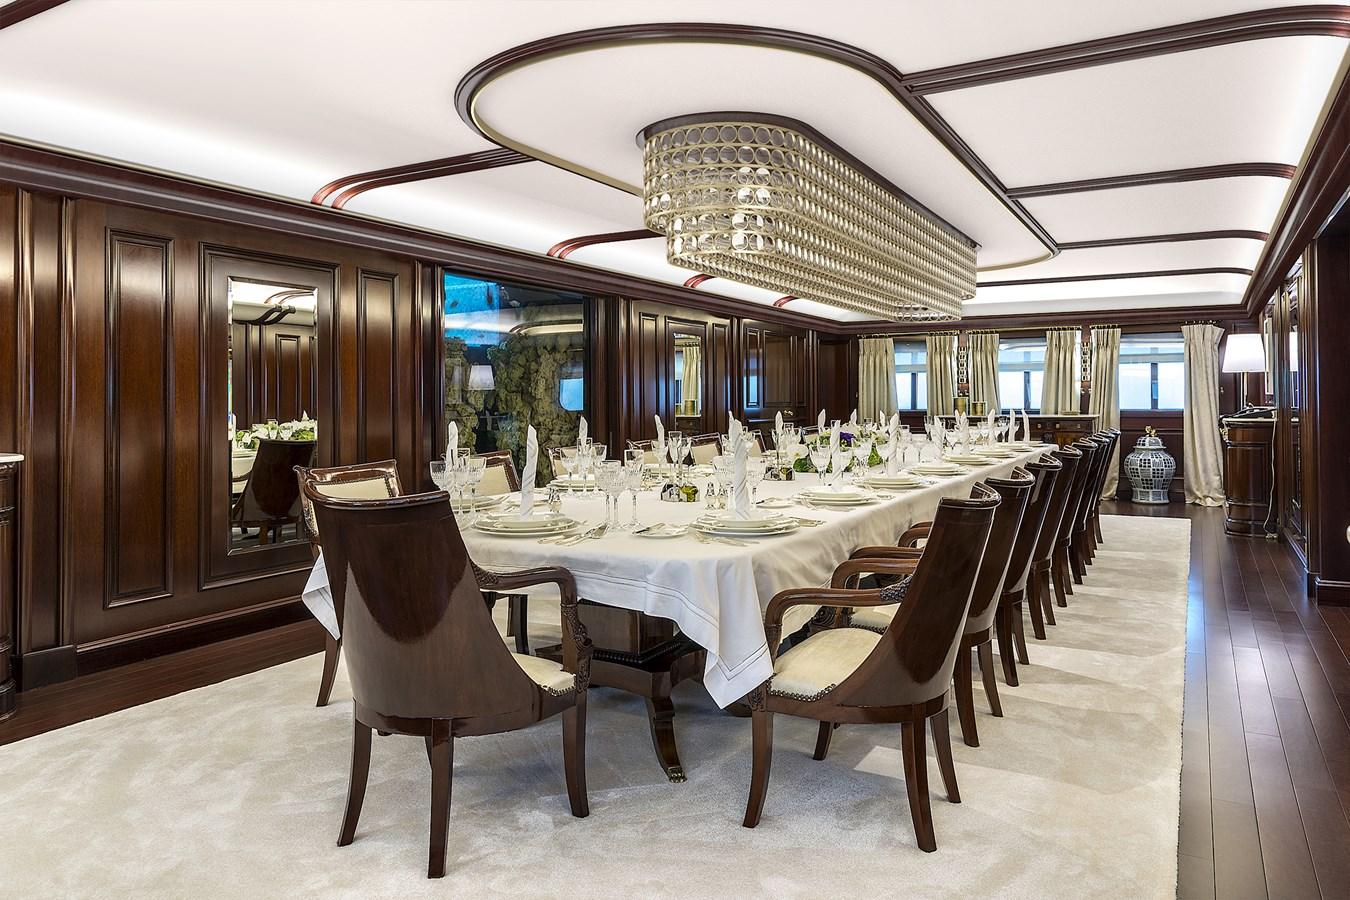 SSH - GO - Dining Salon - cam01 - 01 - HD A3 300dpi 1990 BLOHM & VOSS   2858971